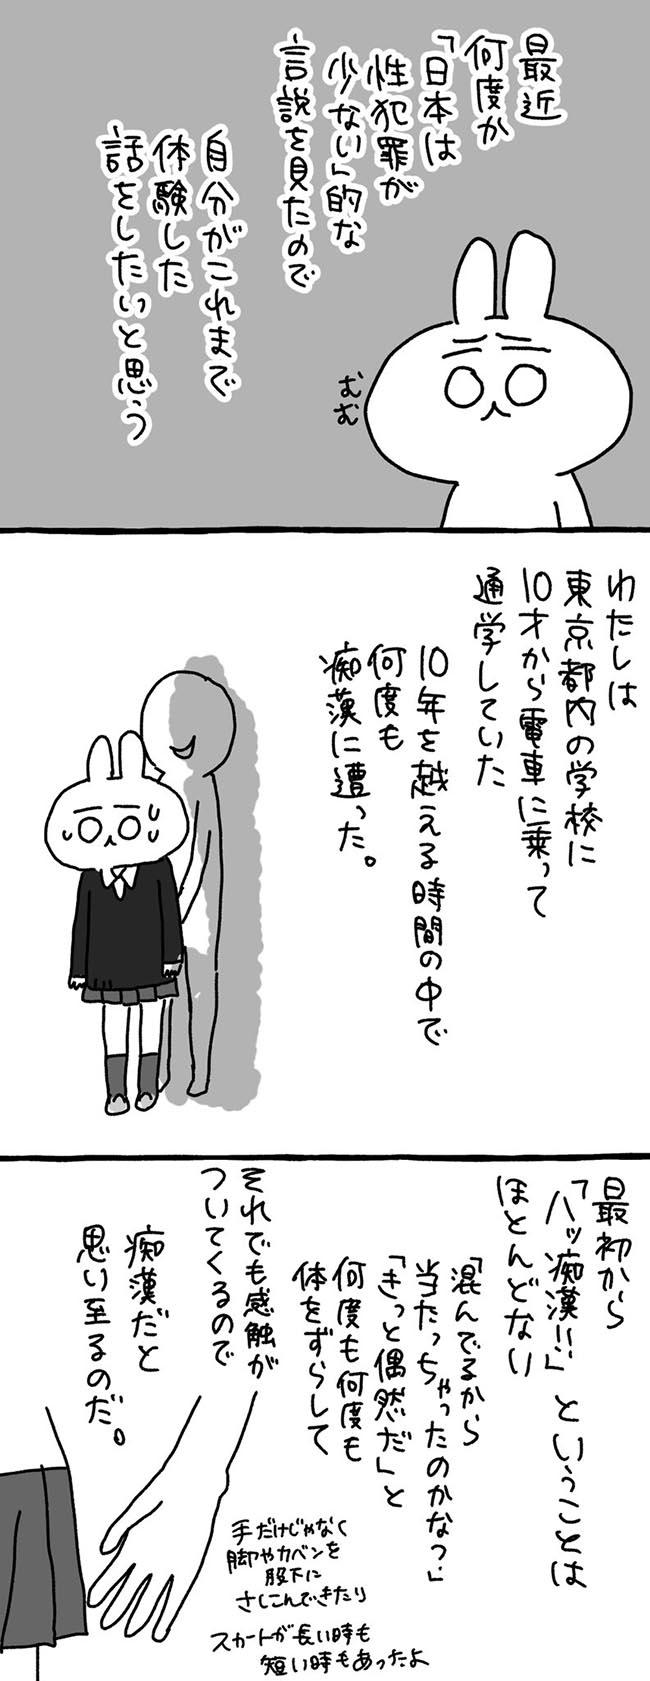 日本は性犯罪が少ない? 「怖くて相談できない」「地獄か…!」 – grape ...